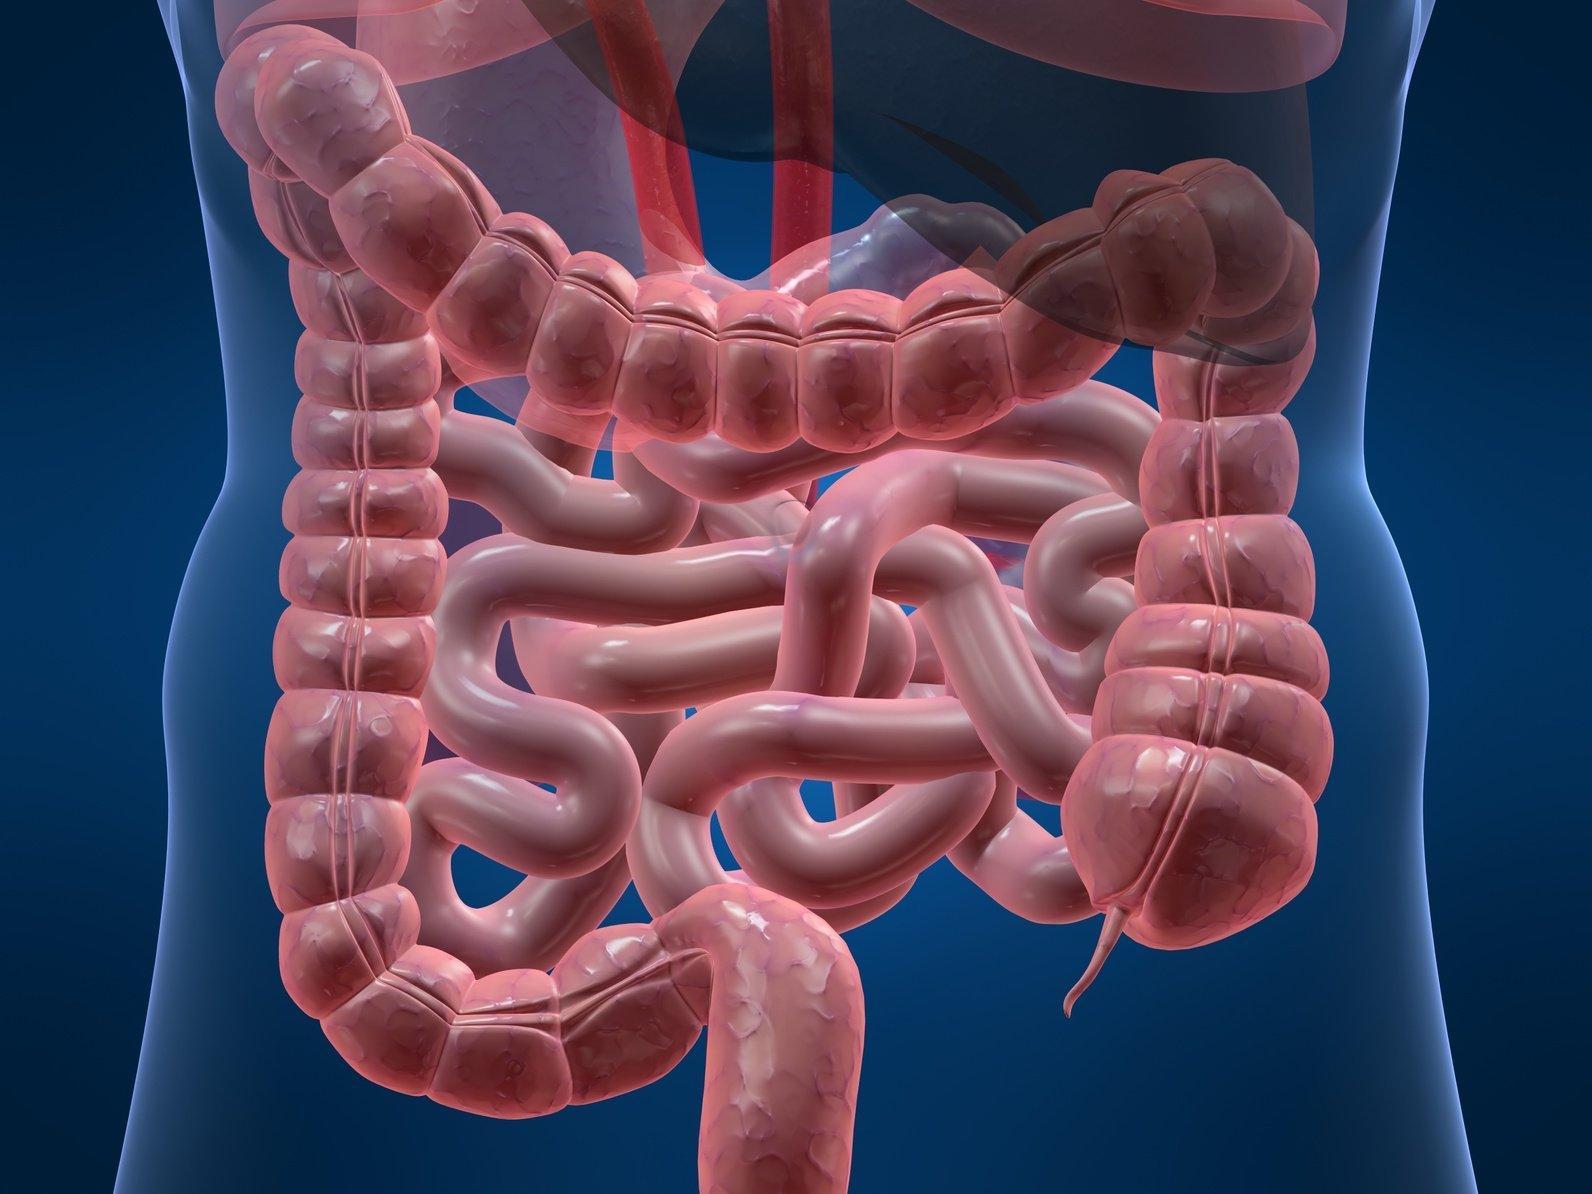 Воспаление кишечника у взрослых: симптомы, причины и лечение заболеваний